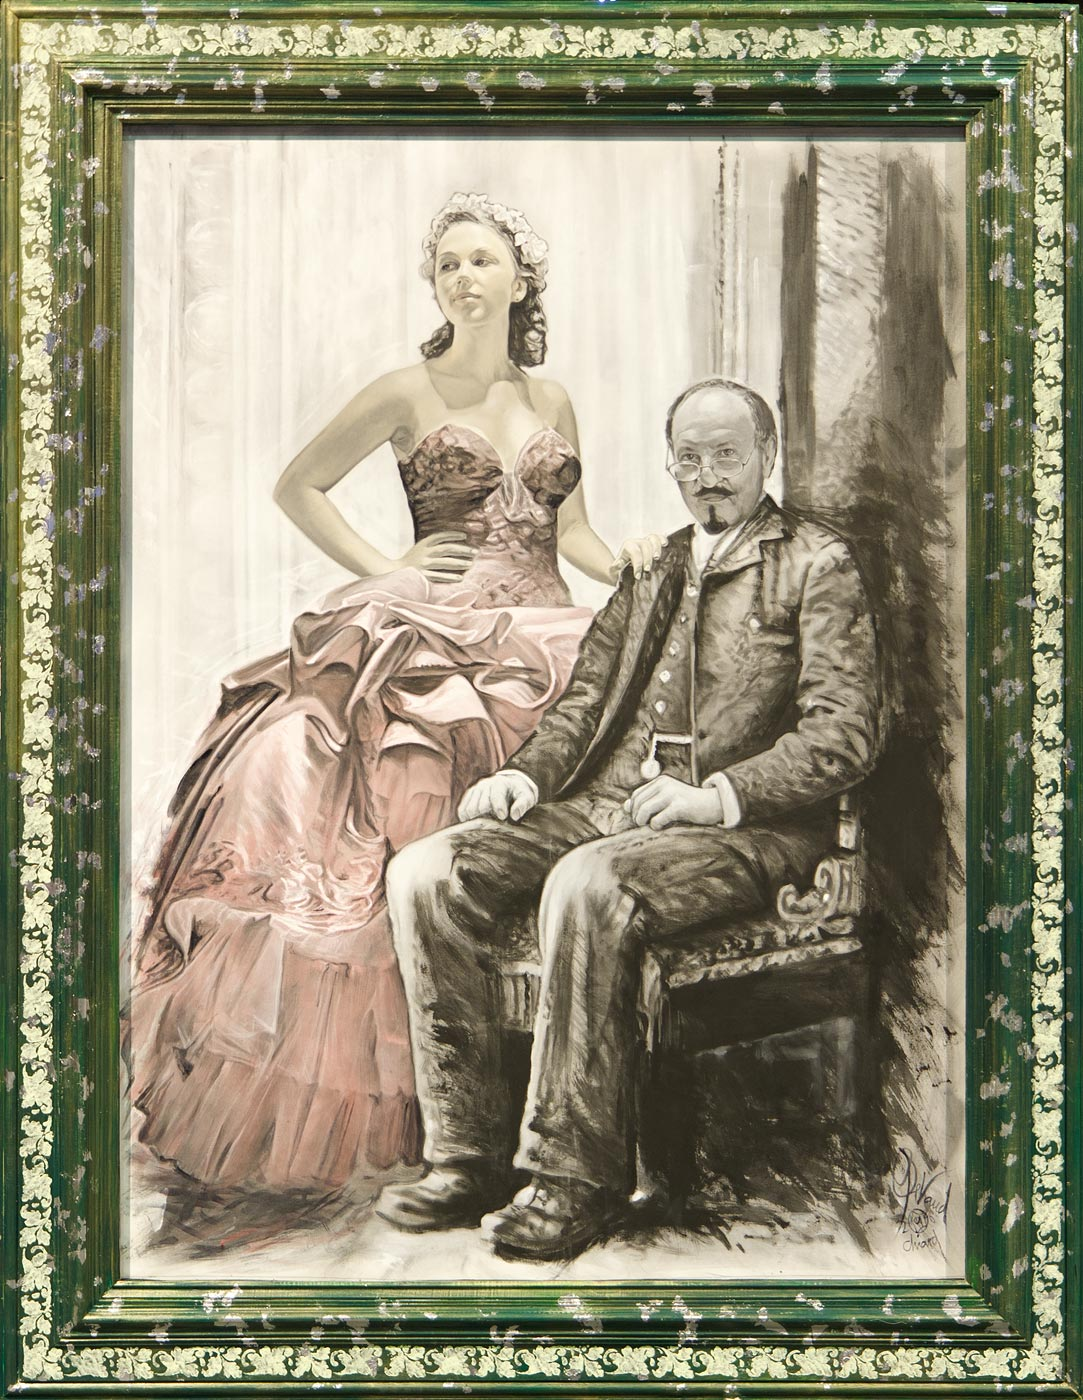 Professor Serebryakov and Yelena